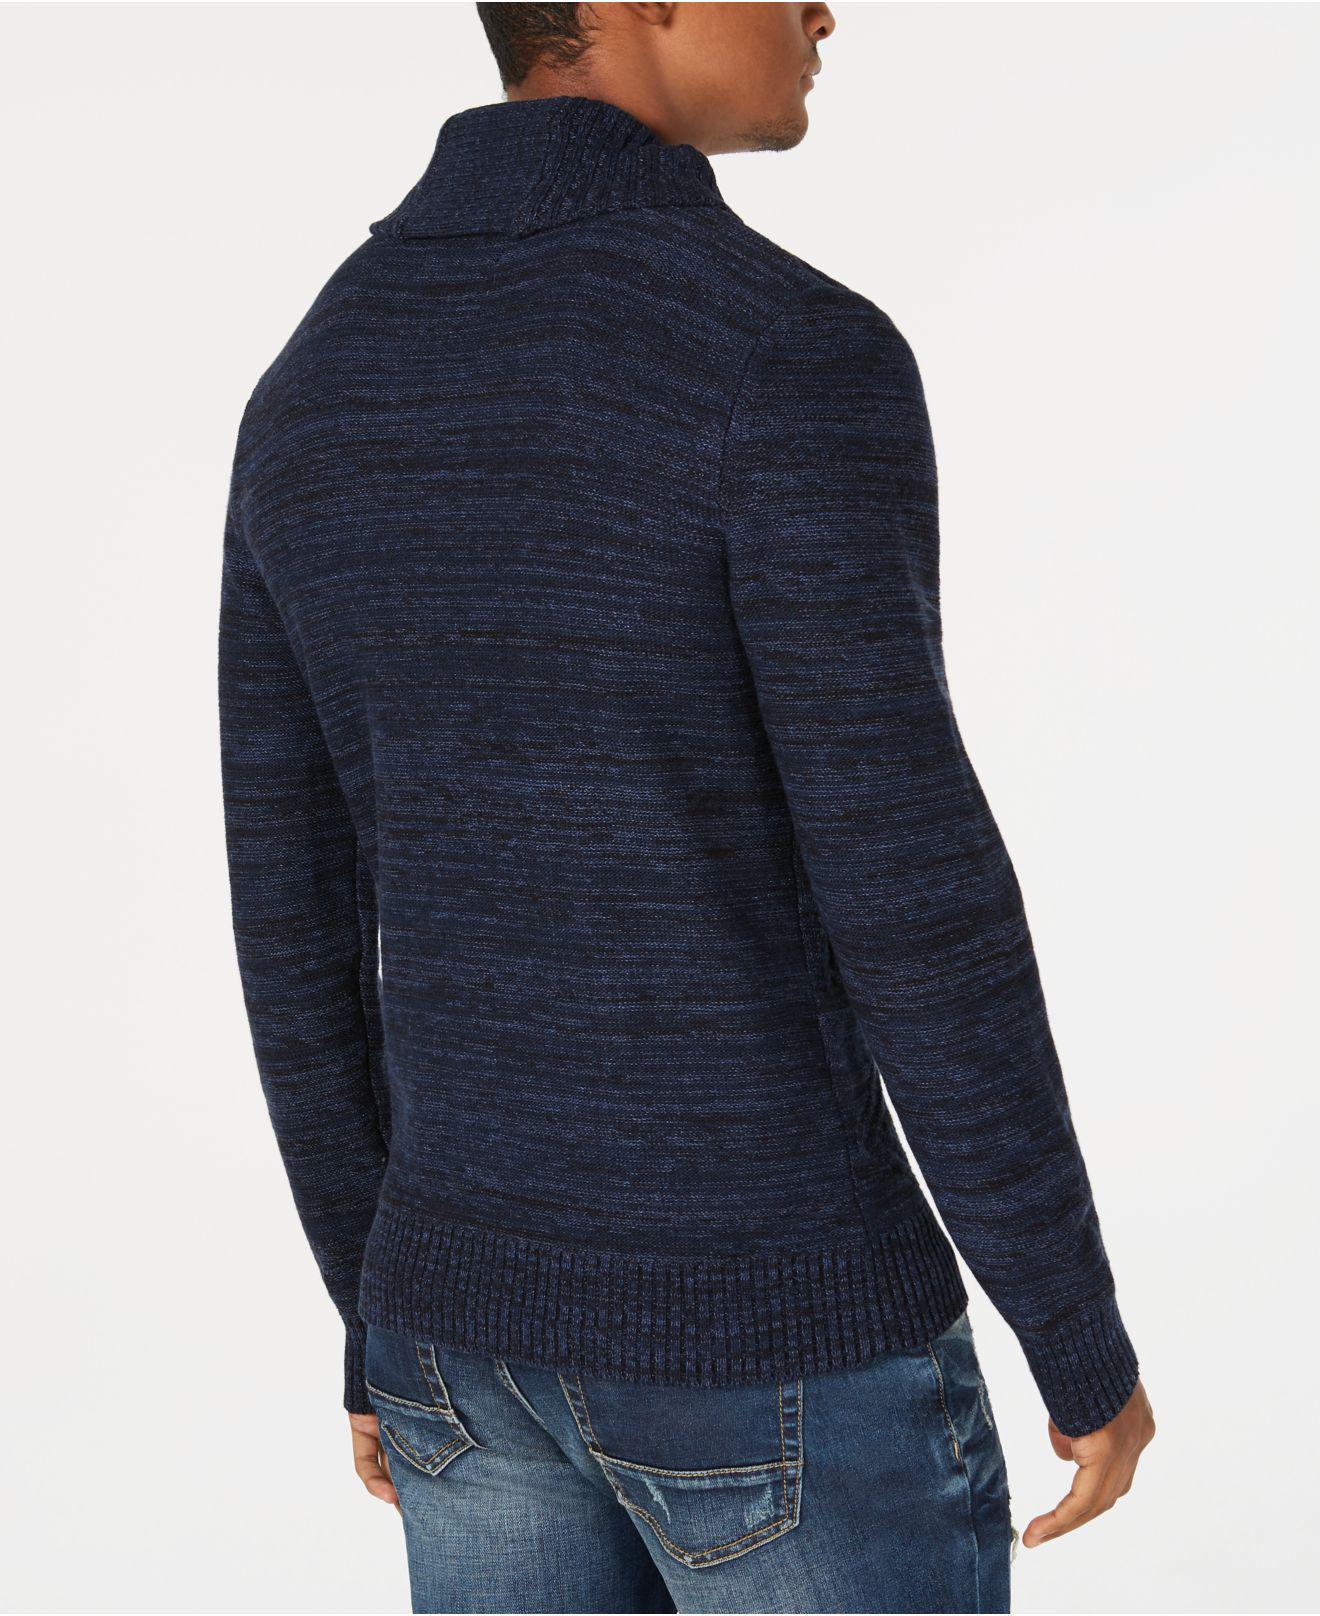 63a6010ff Lyst - American Rag Jacquard Shawl-collar Sweater